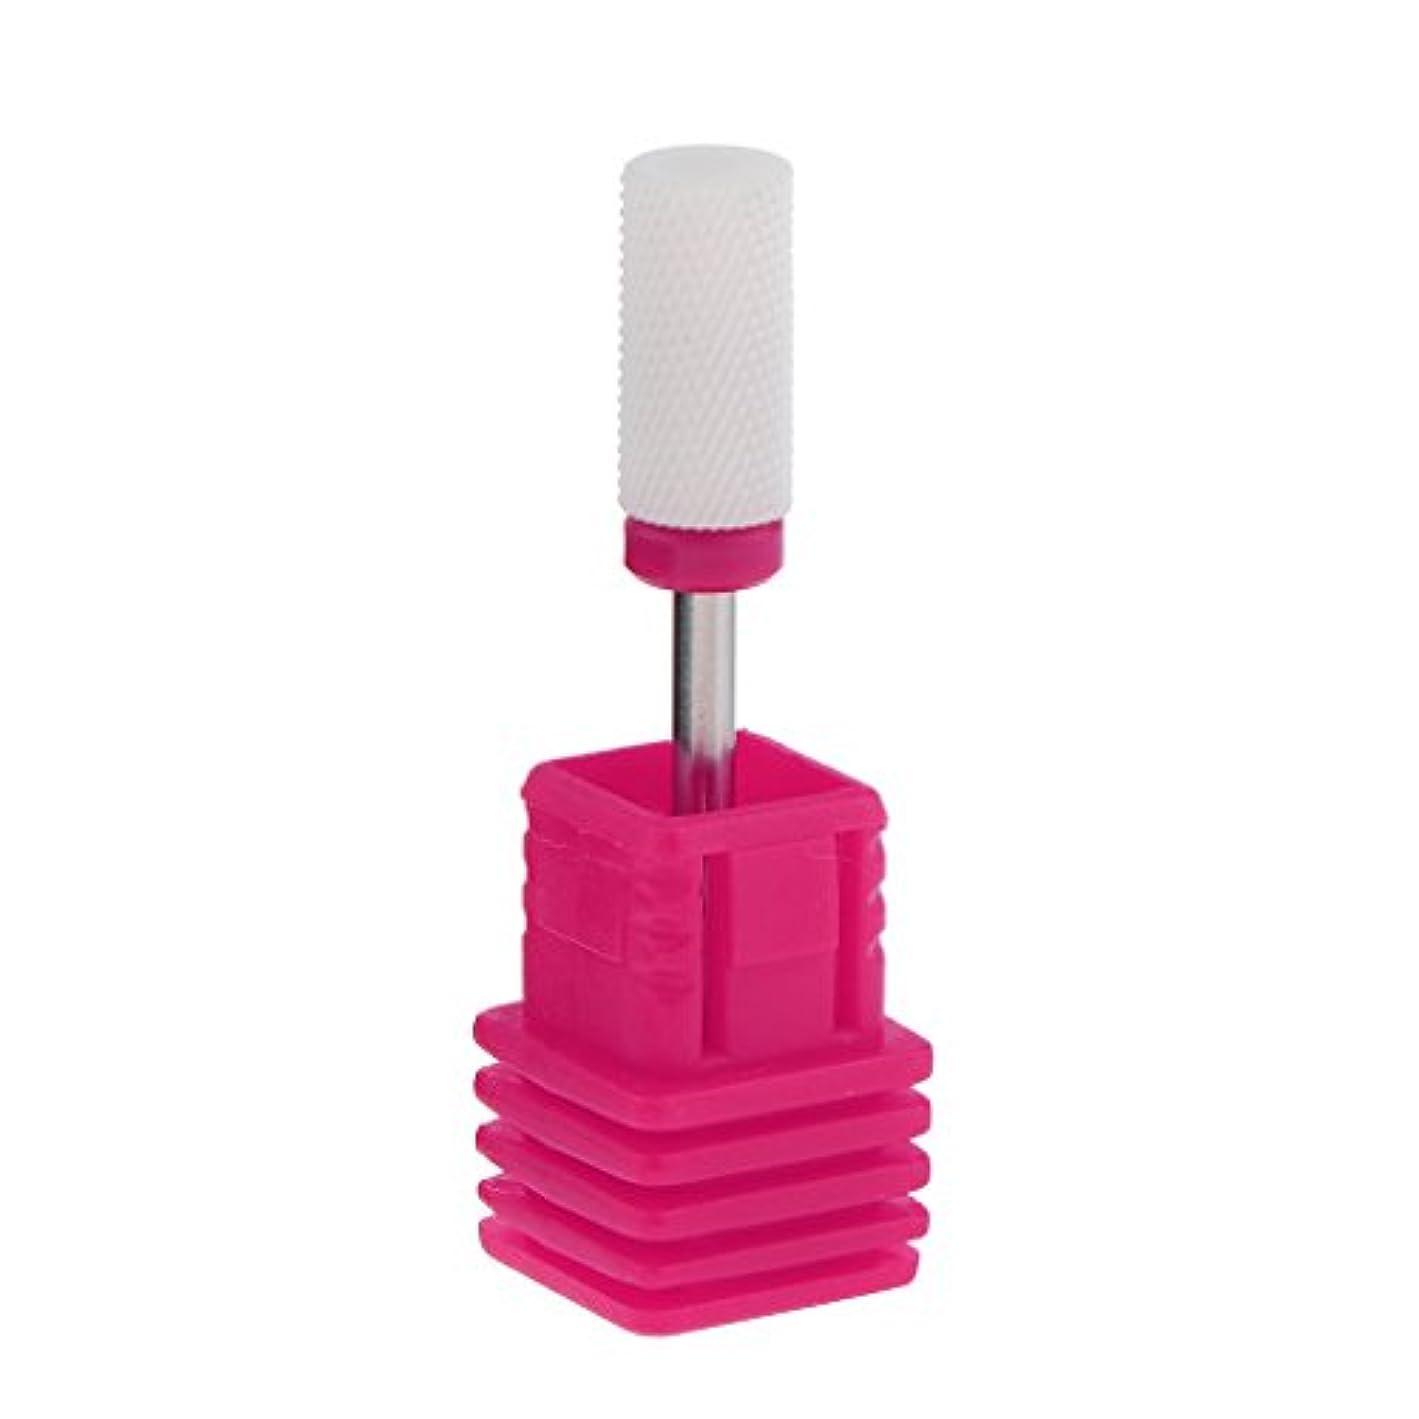 影響リブ批評DYNWAVE ネイルアート ドリルビット 研磨ヘッド 電気ドリルビット セラミック ネイル 全6色 - ピンク